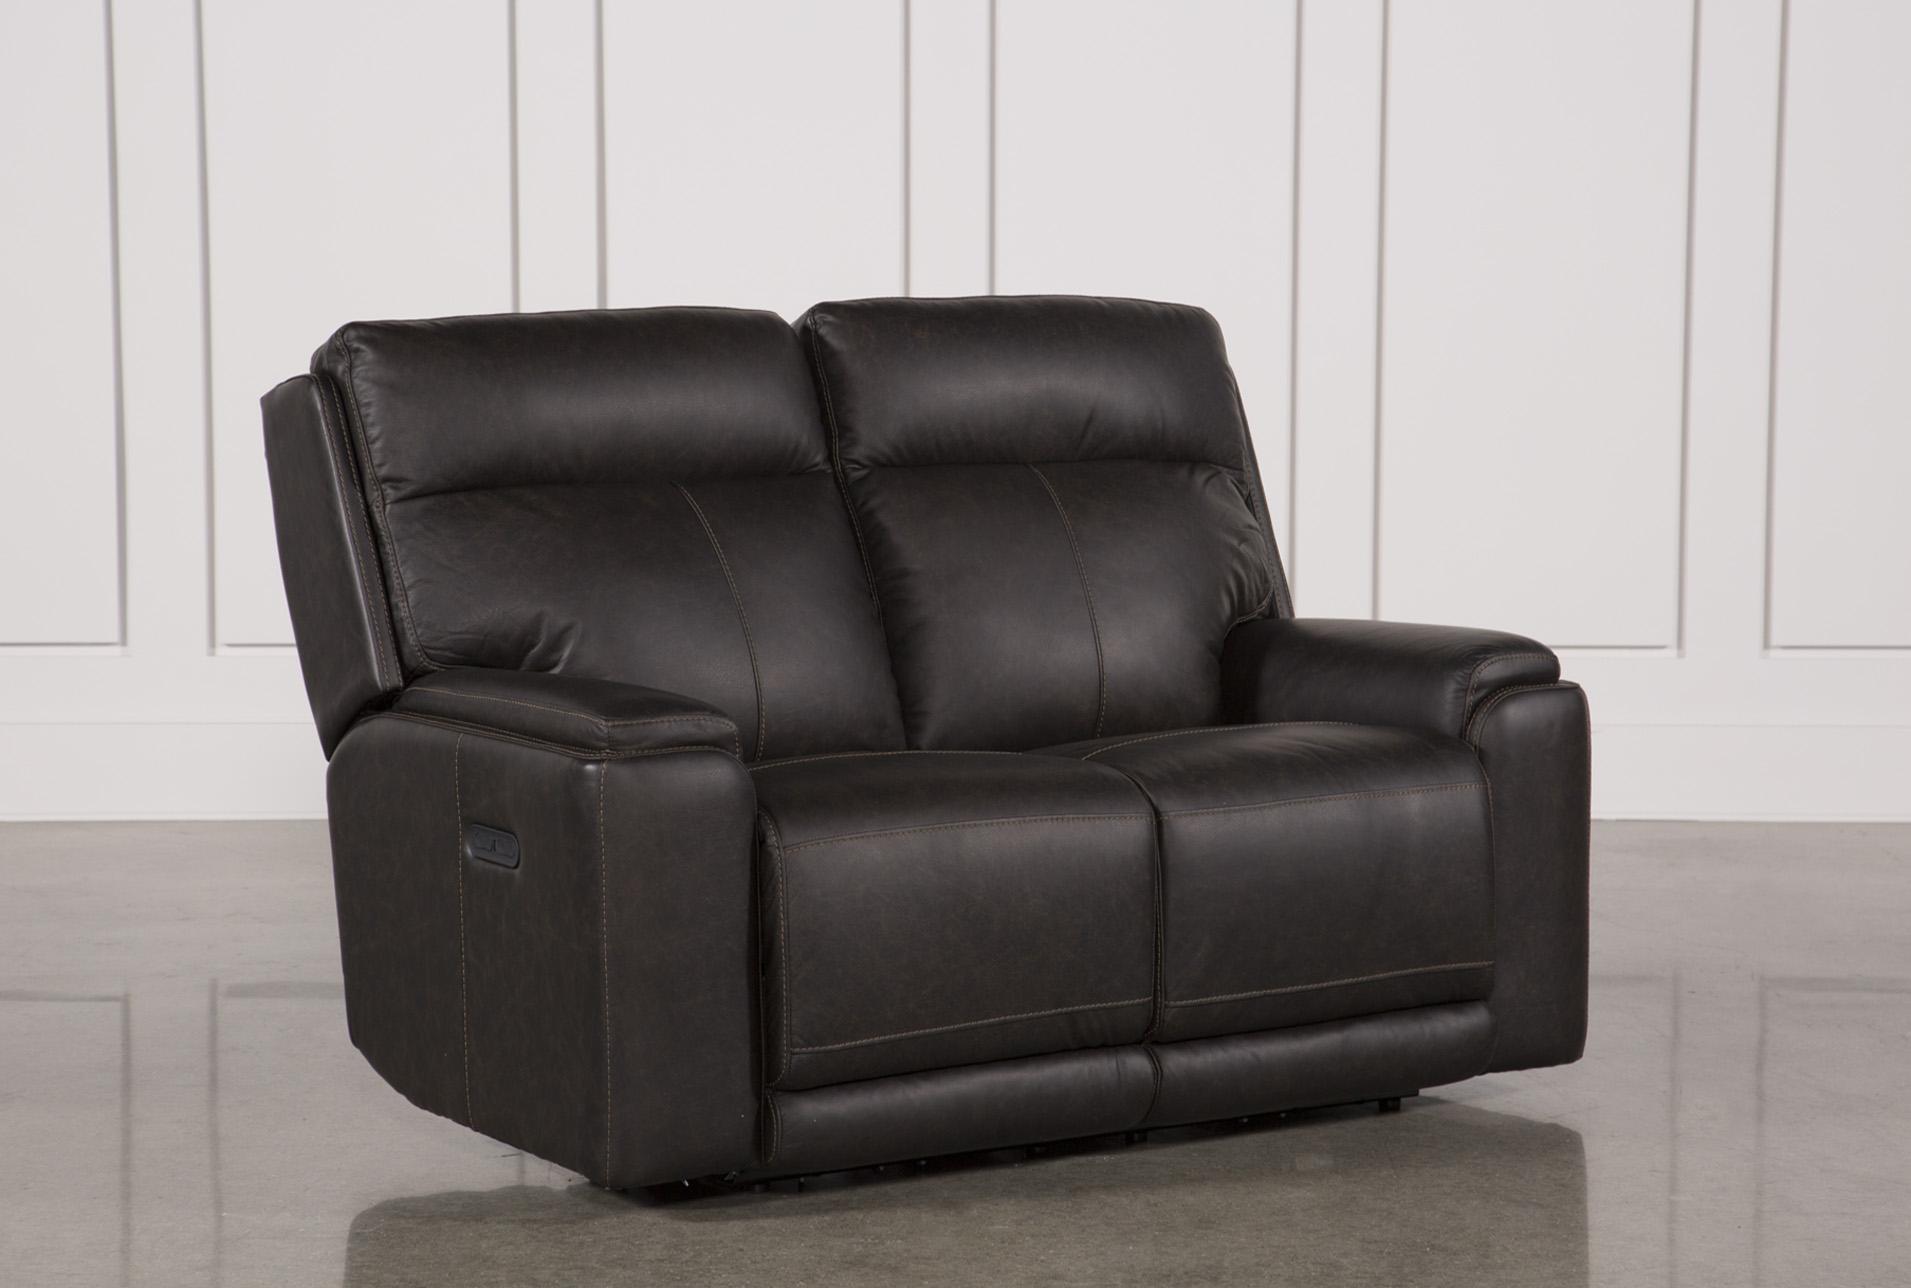 Sinjin Leather Power Reclining Loveseat W/Power Headrest - 360